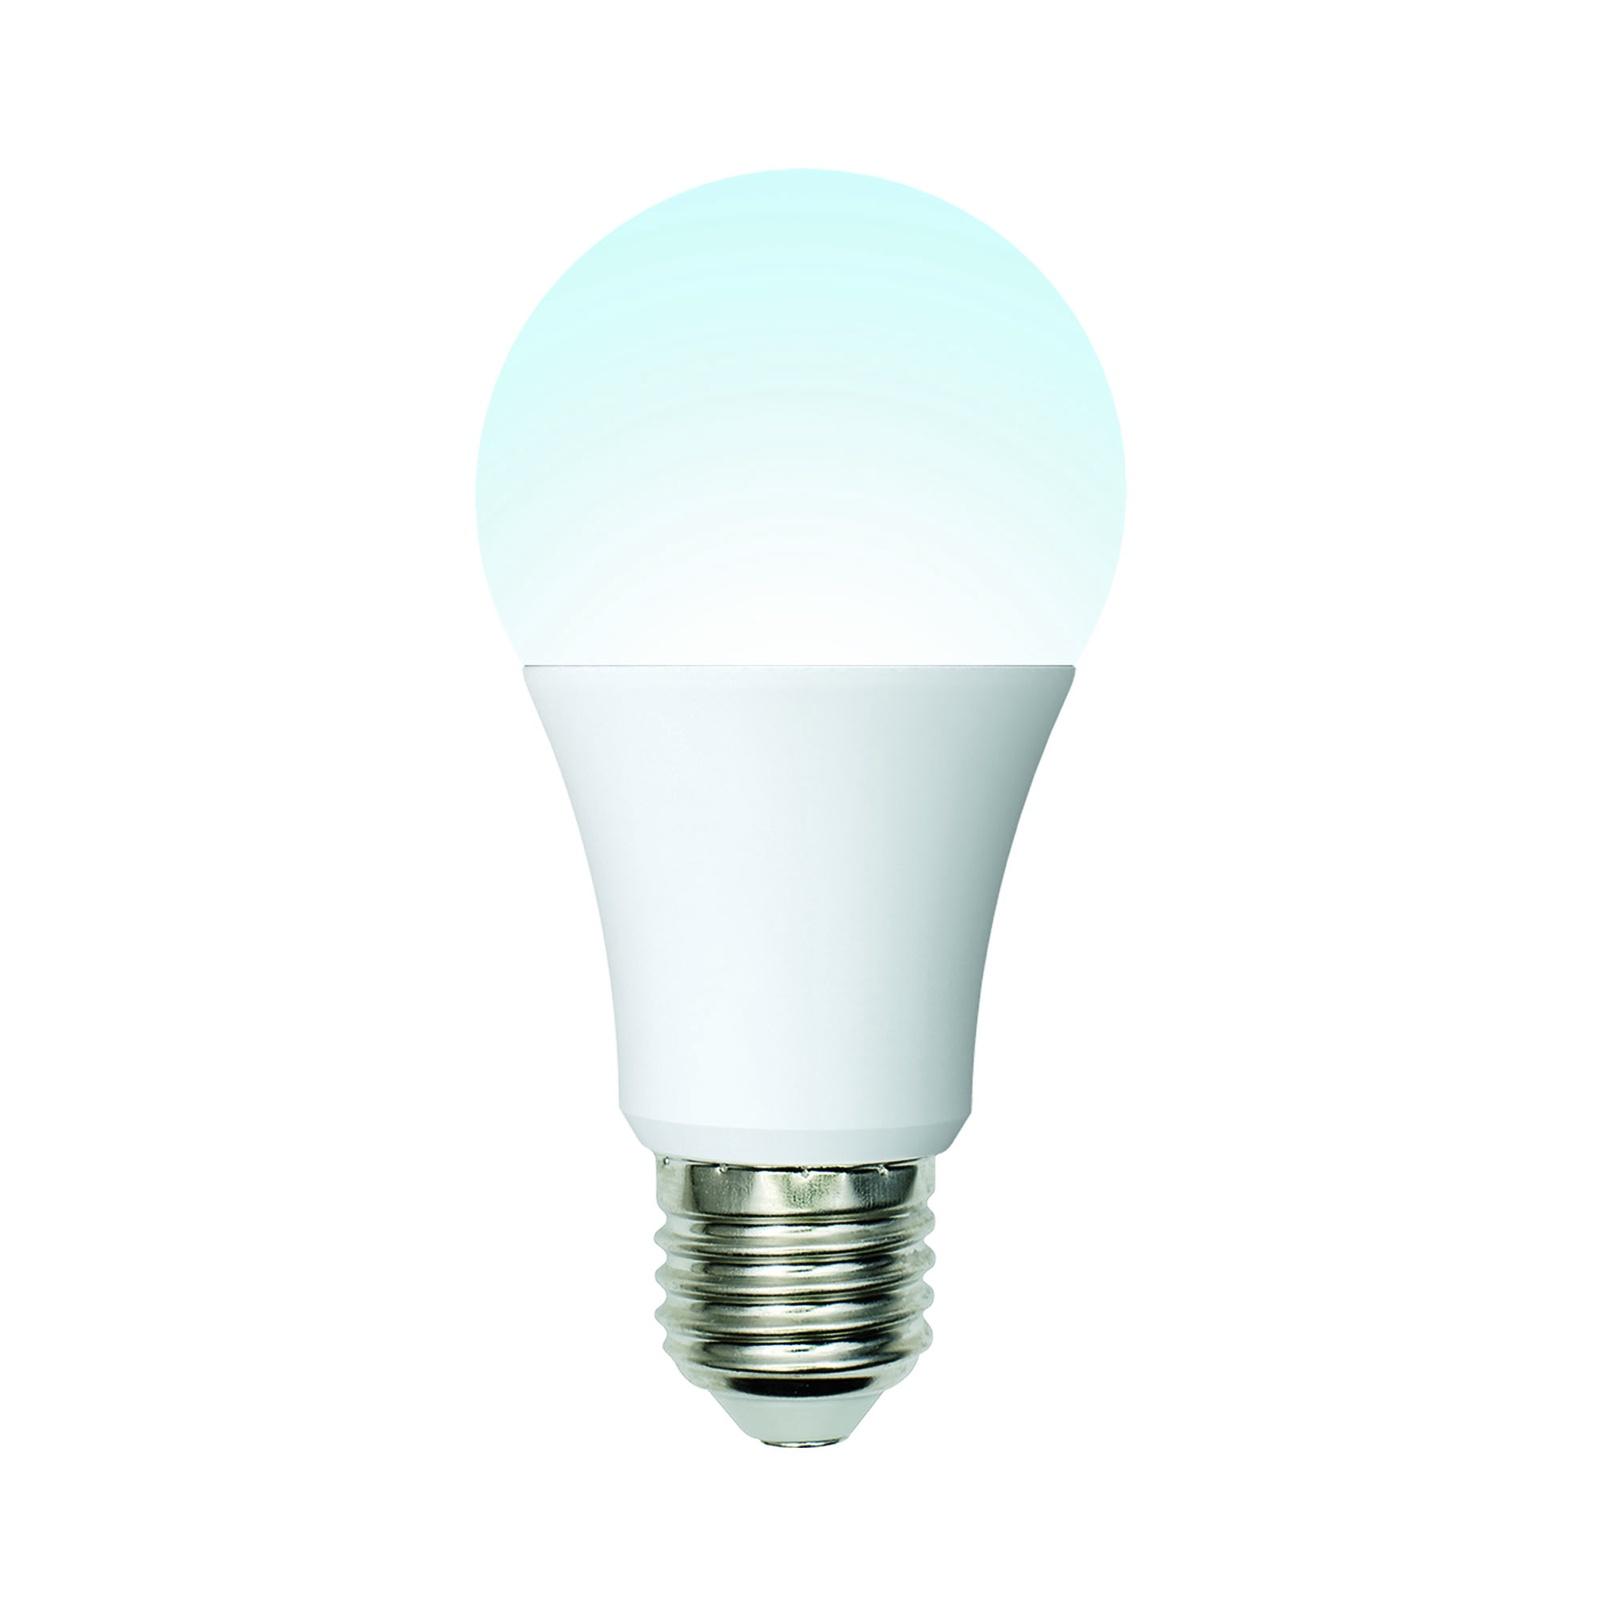 Лампочка Uniel LED-A60-10W/NW/E27/FR/MB 4000K, Нейтральный свет 10 Вт, Светодиодная